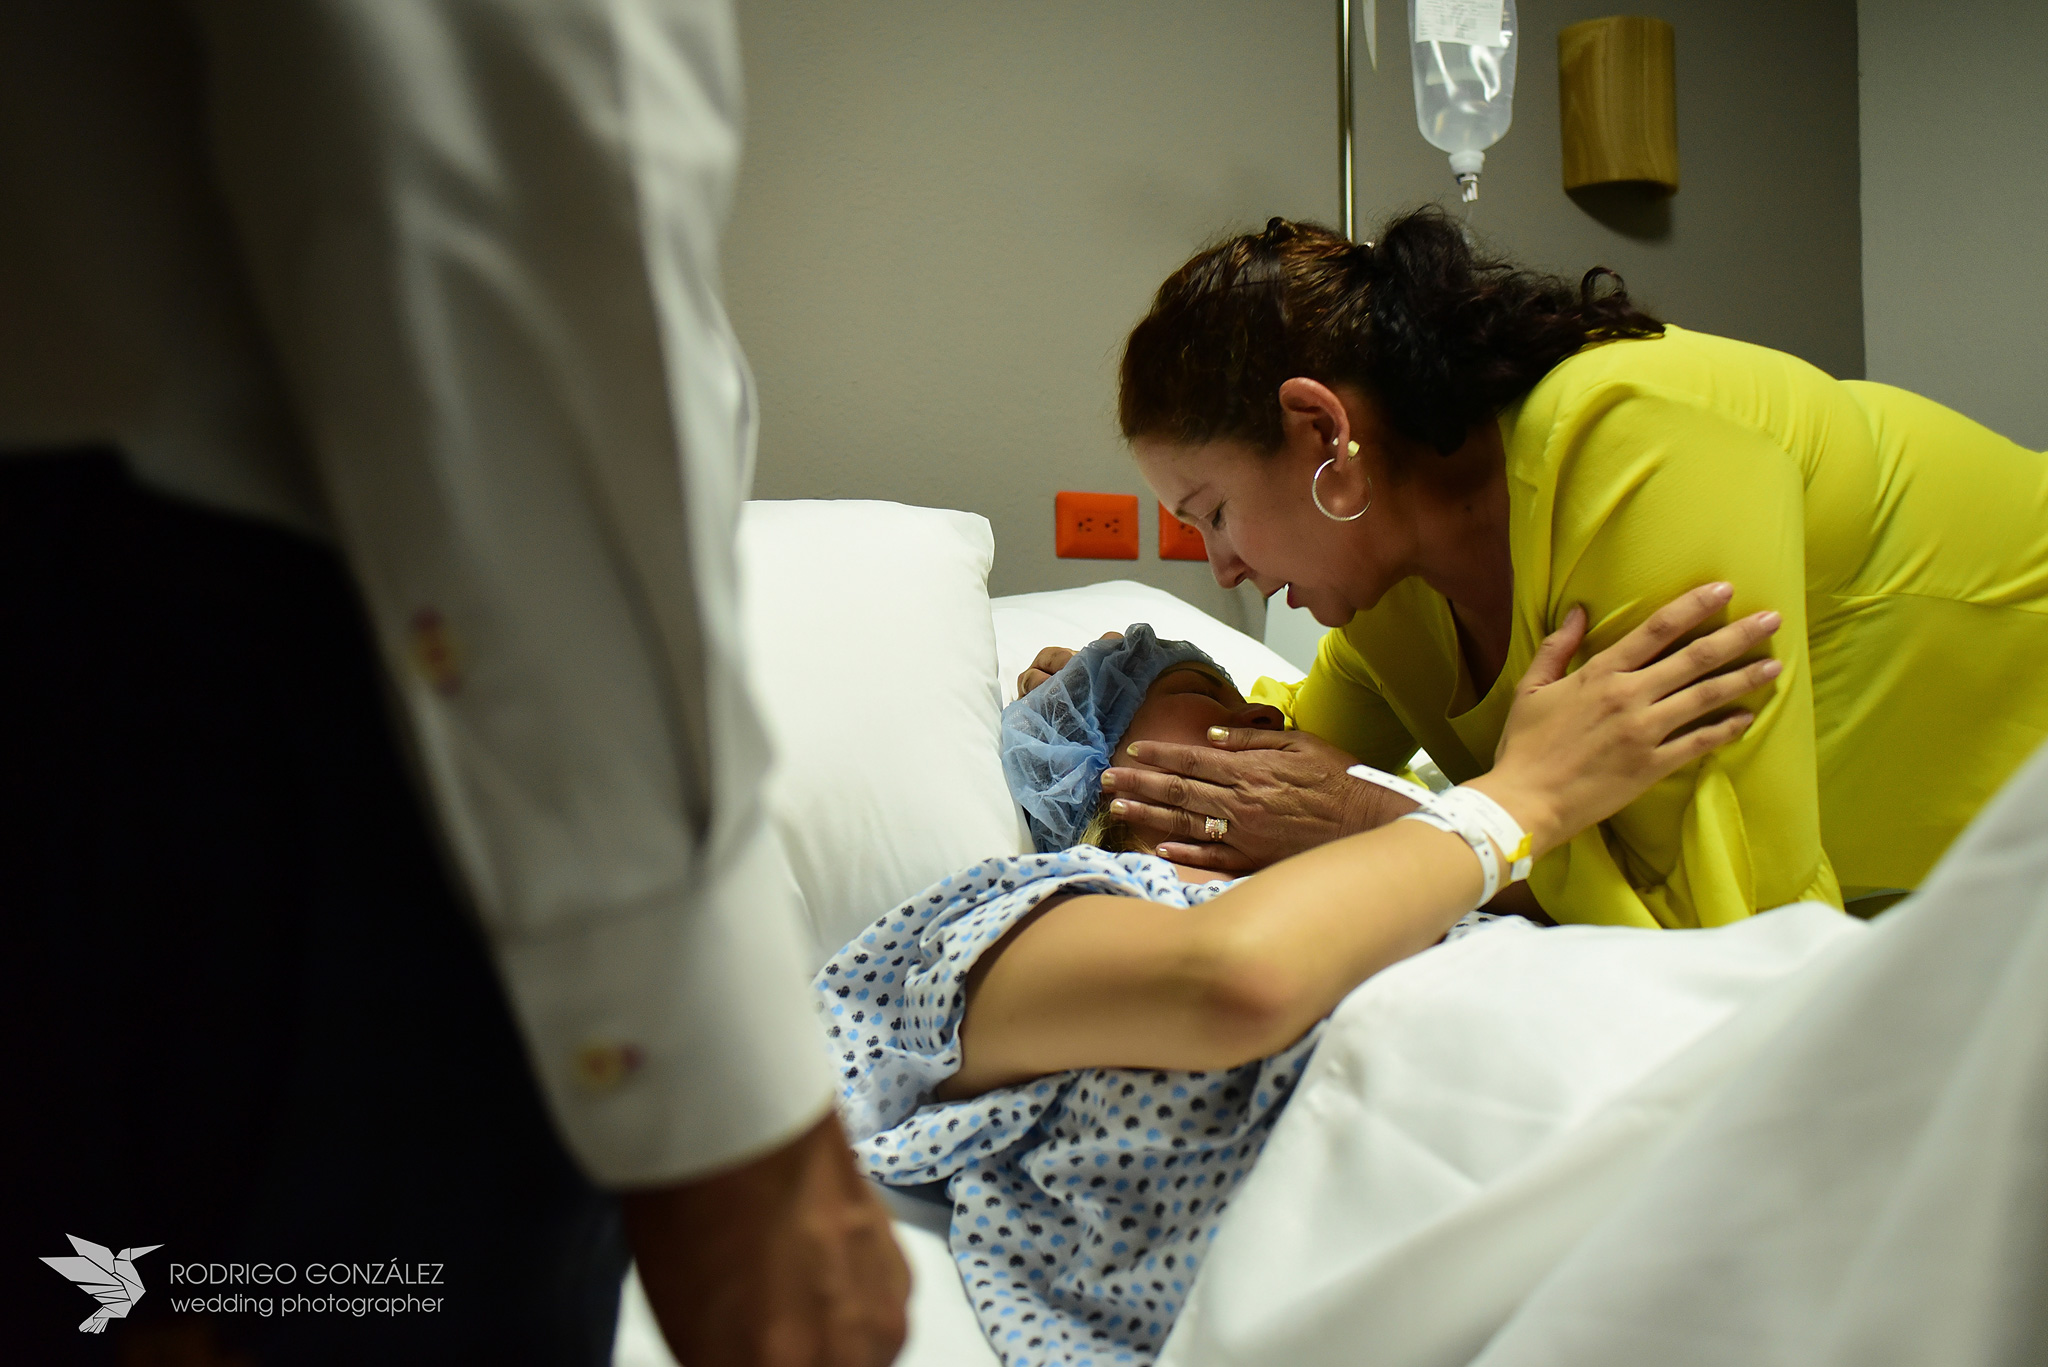 fotografia-de-nacimiento-hospital-puebla-mexico-43